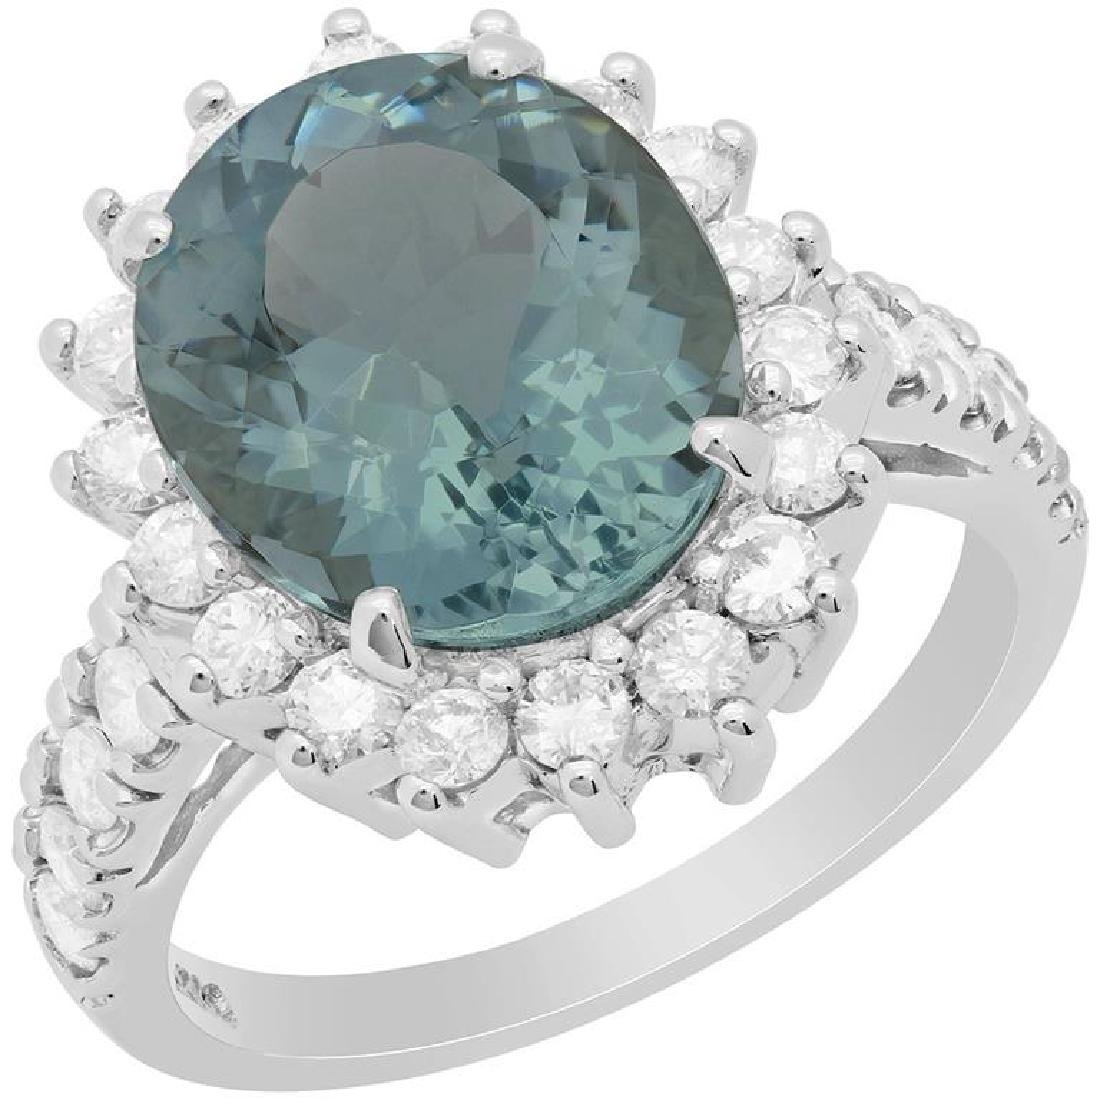 14k White Gold 4.47ct Aquamarine 0.95ct Diamond Ring